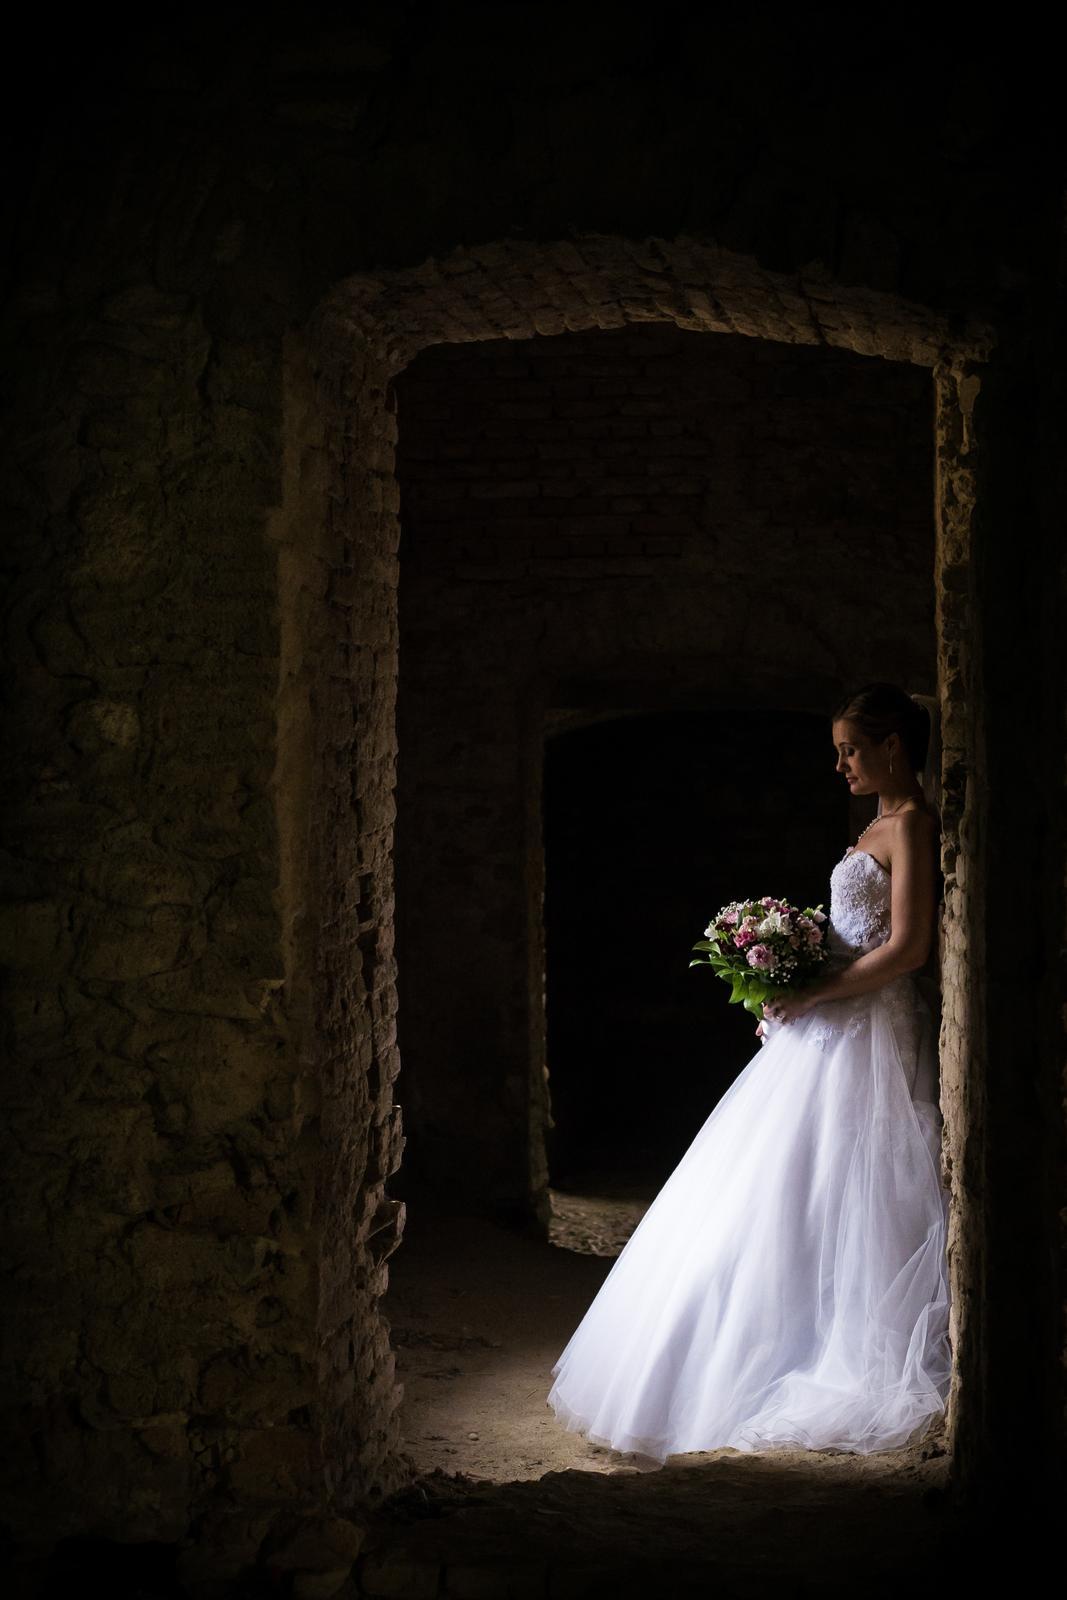 T & T svadobné fotky z opusteného kaštieľa - Obrázok č. 12